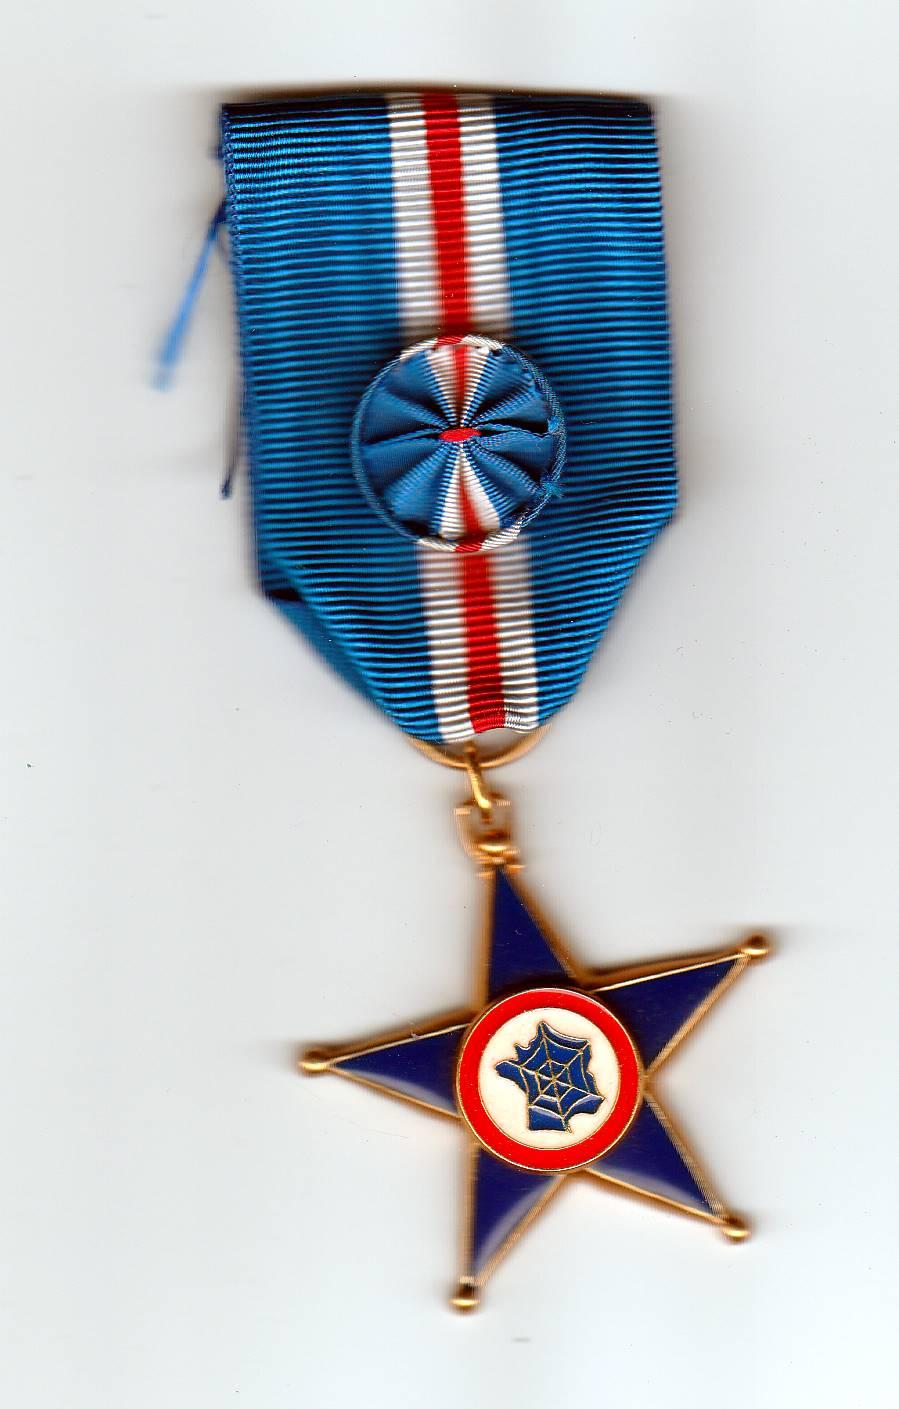 Estimation Médailles des Anciens Combattants des Services de Renseignements  Img_2075